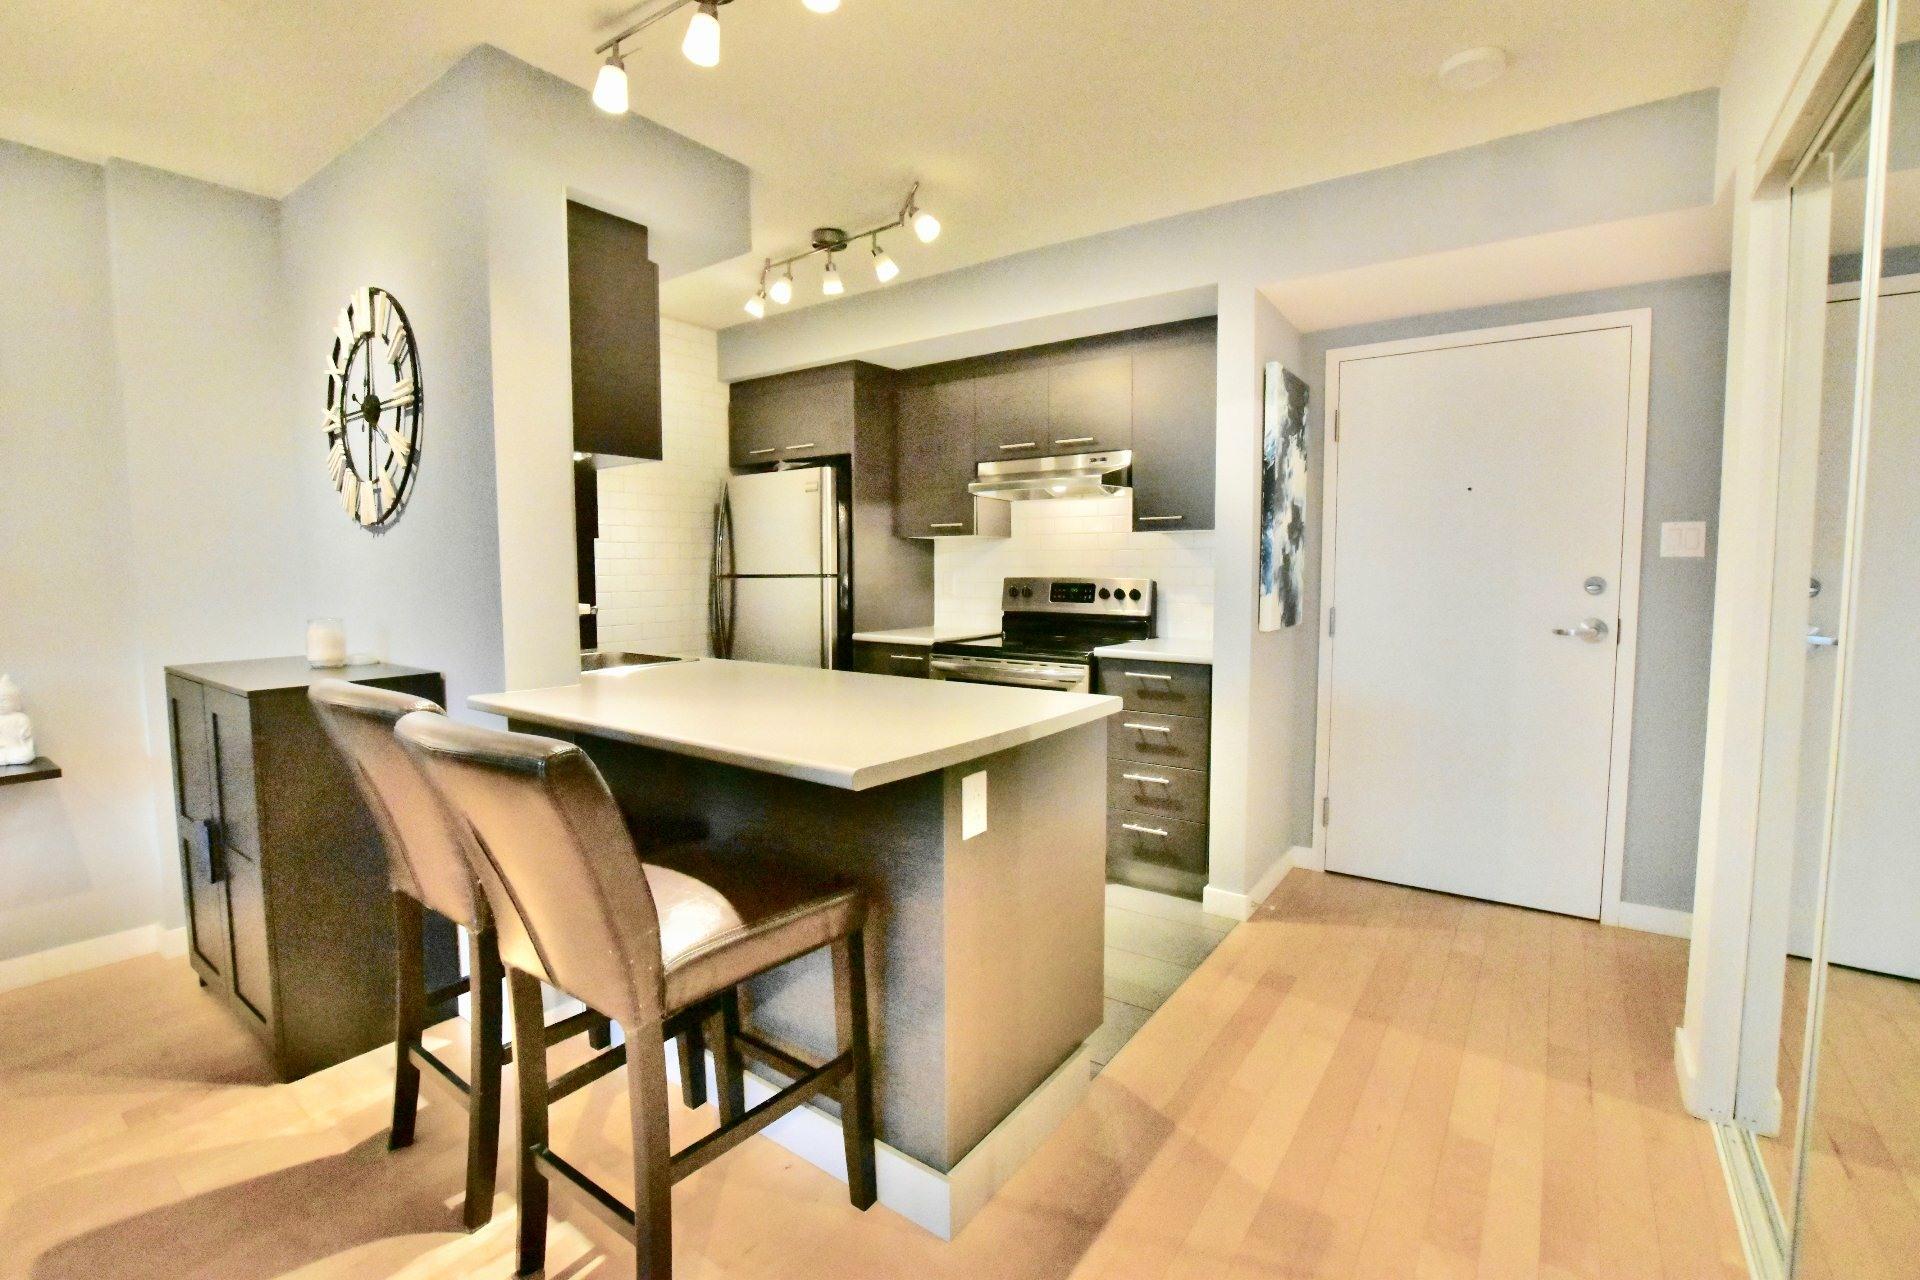 image 8 - Apartment For rent Lachine Montréal  - 6 rooms